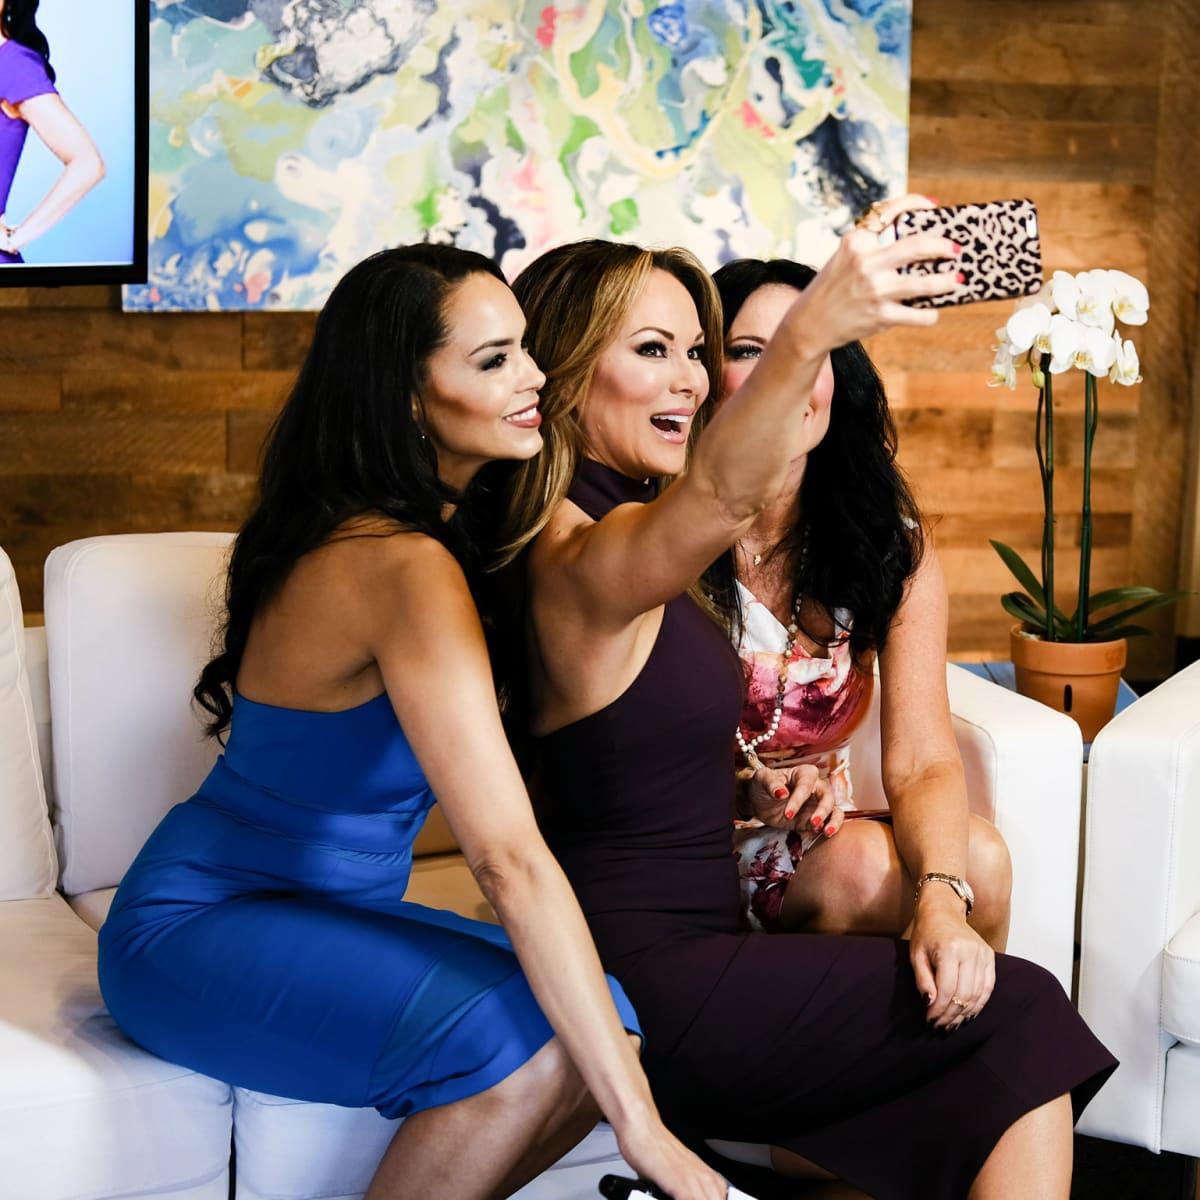 Real Housewives of Dallas Dawn Neufeld, Tiffany Hendra, LeeAnne Locken